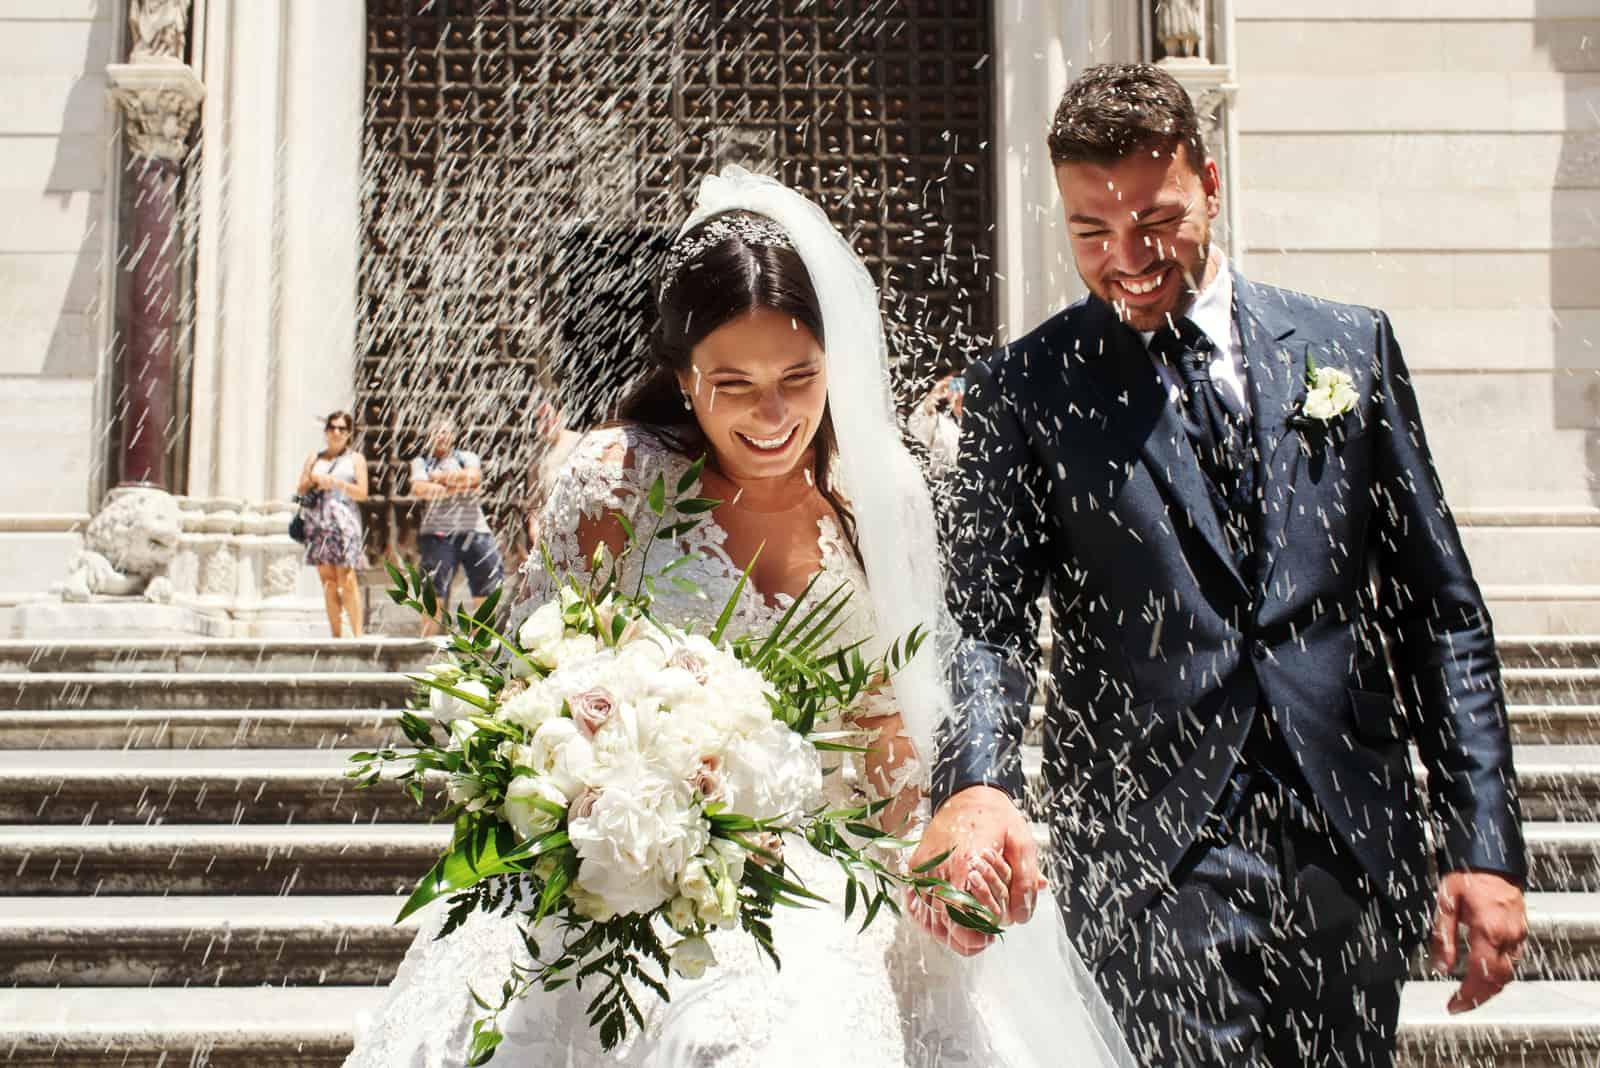 Leute bewerfen Jungvermählten, die aus der Kirche gehen, mit Reis